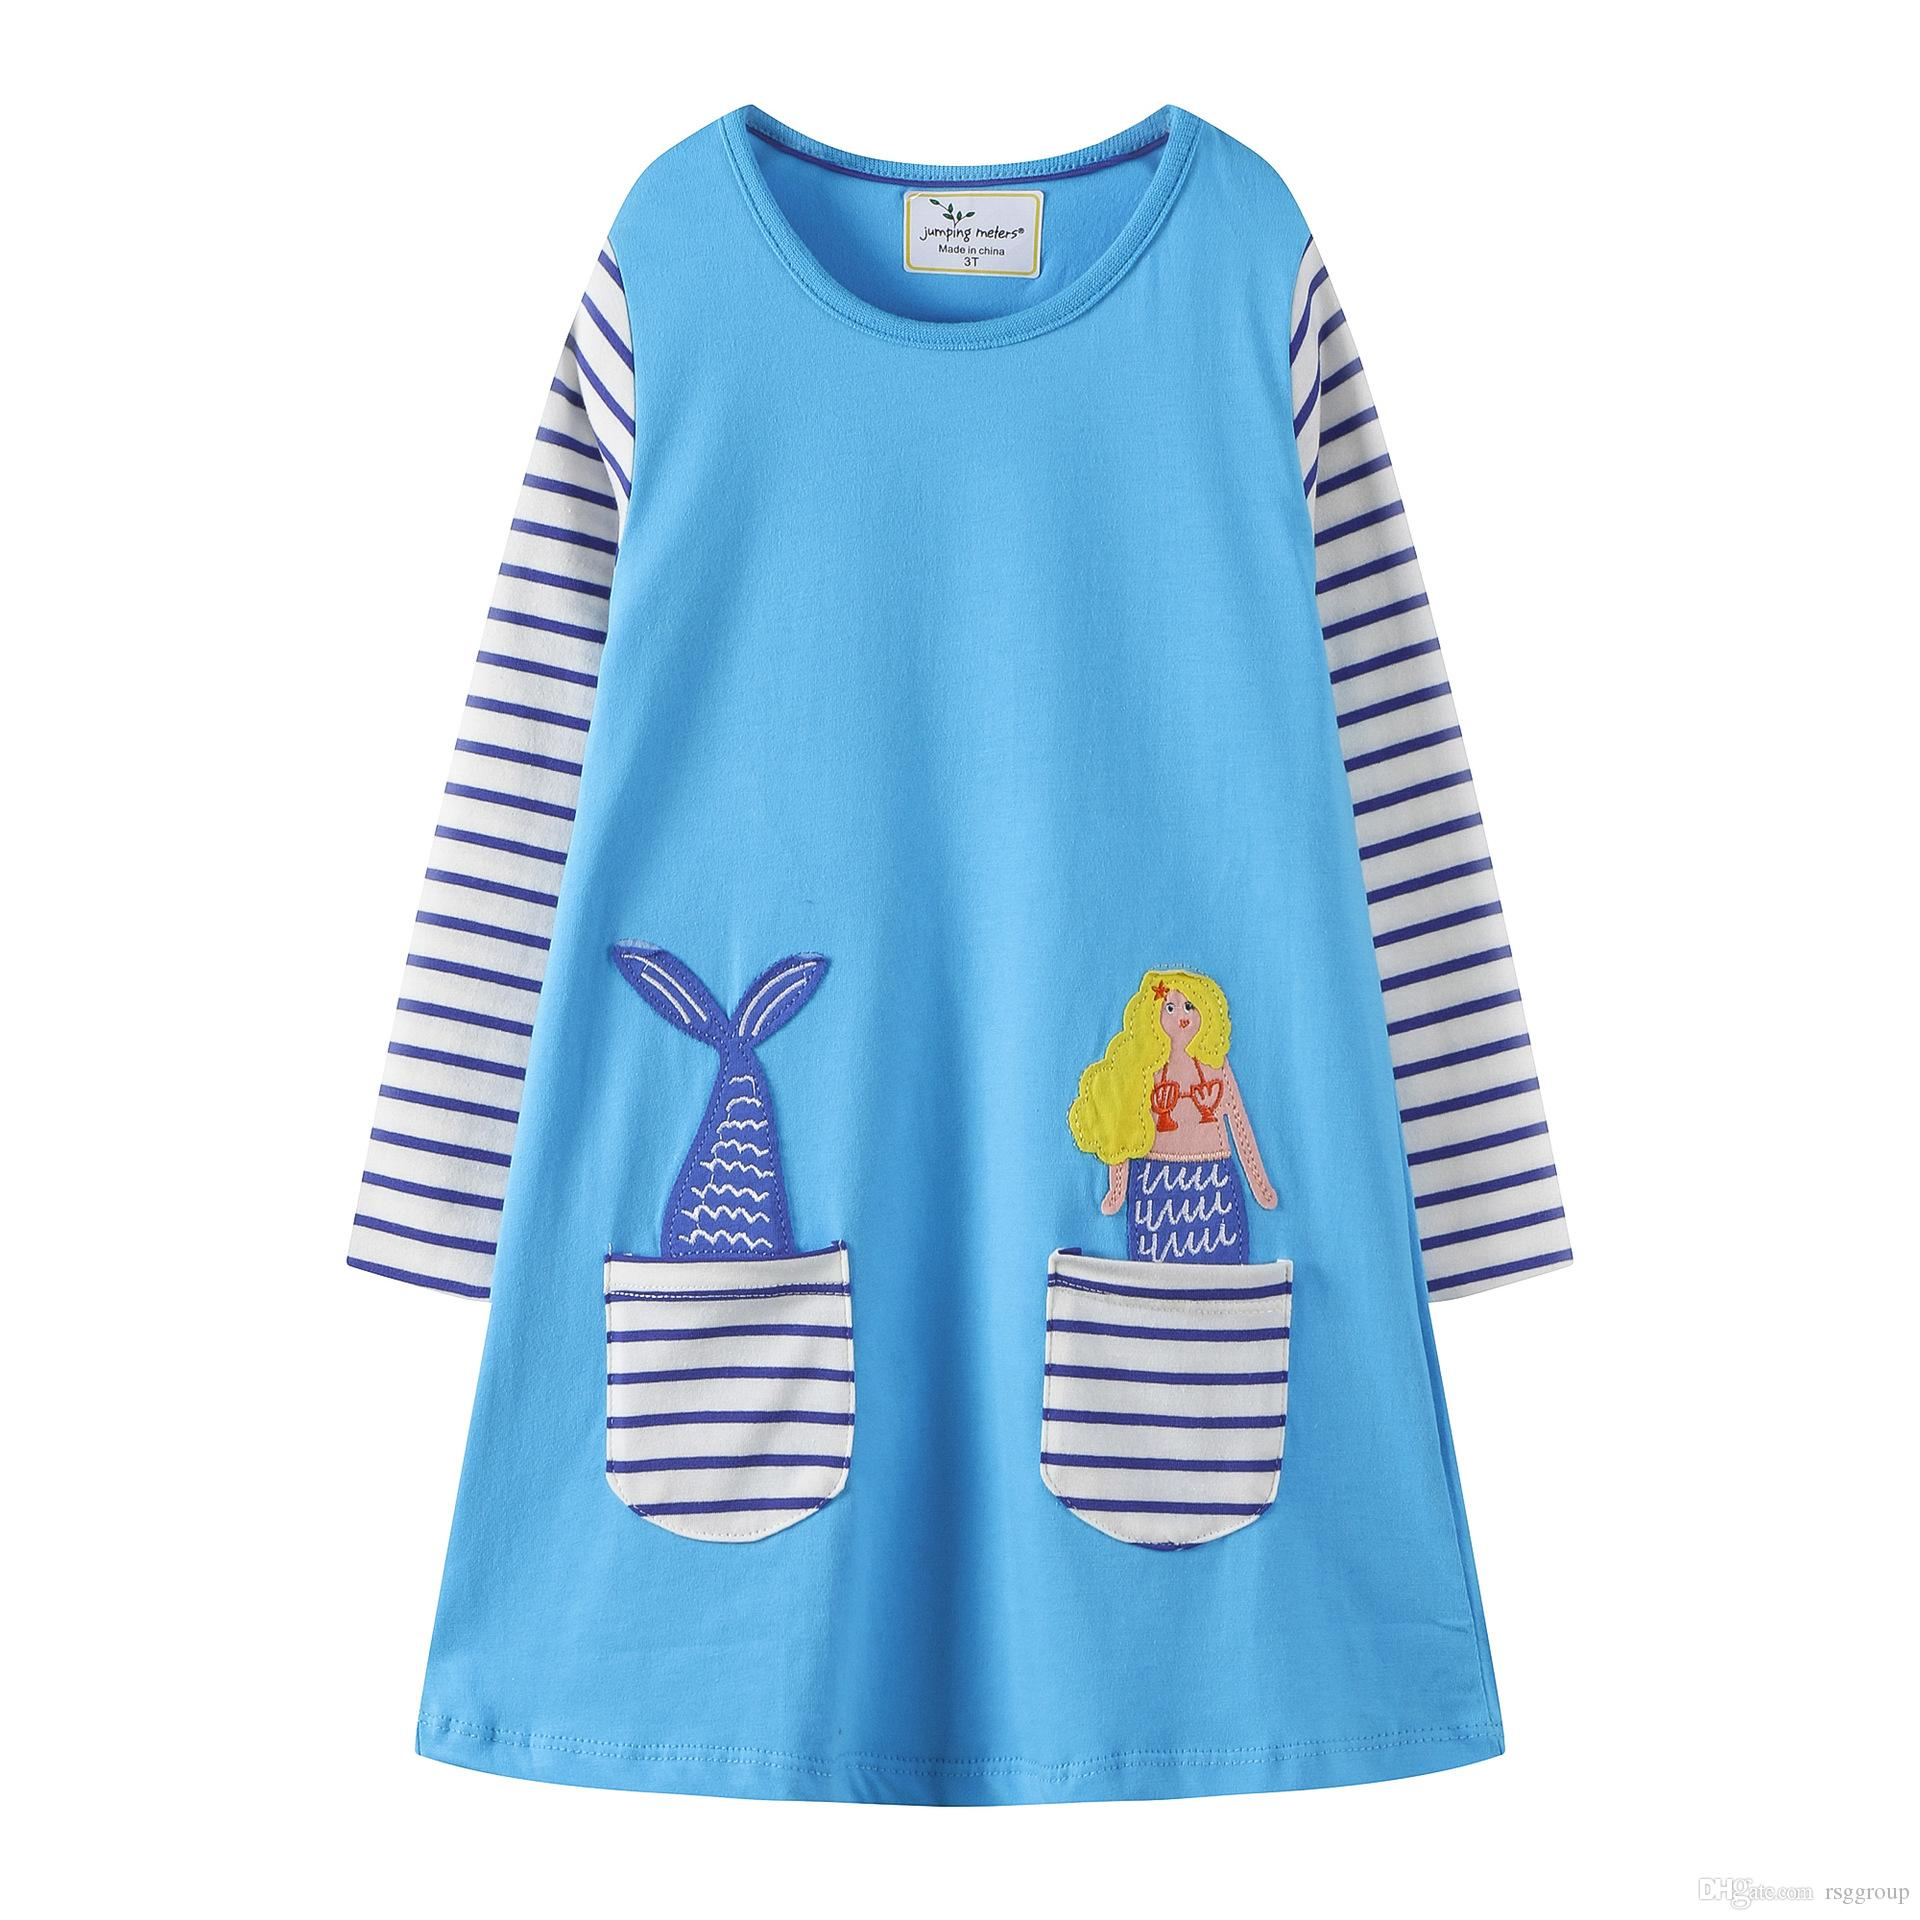 7f058d2848604 Acheter America Pocket Striped Floral Animal Vetements Pour Enfants Robe De  Fille Pour Enfant Robe De Soirée Pour Fille De  26.13 Du Rsggroup